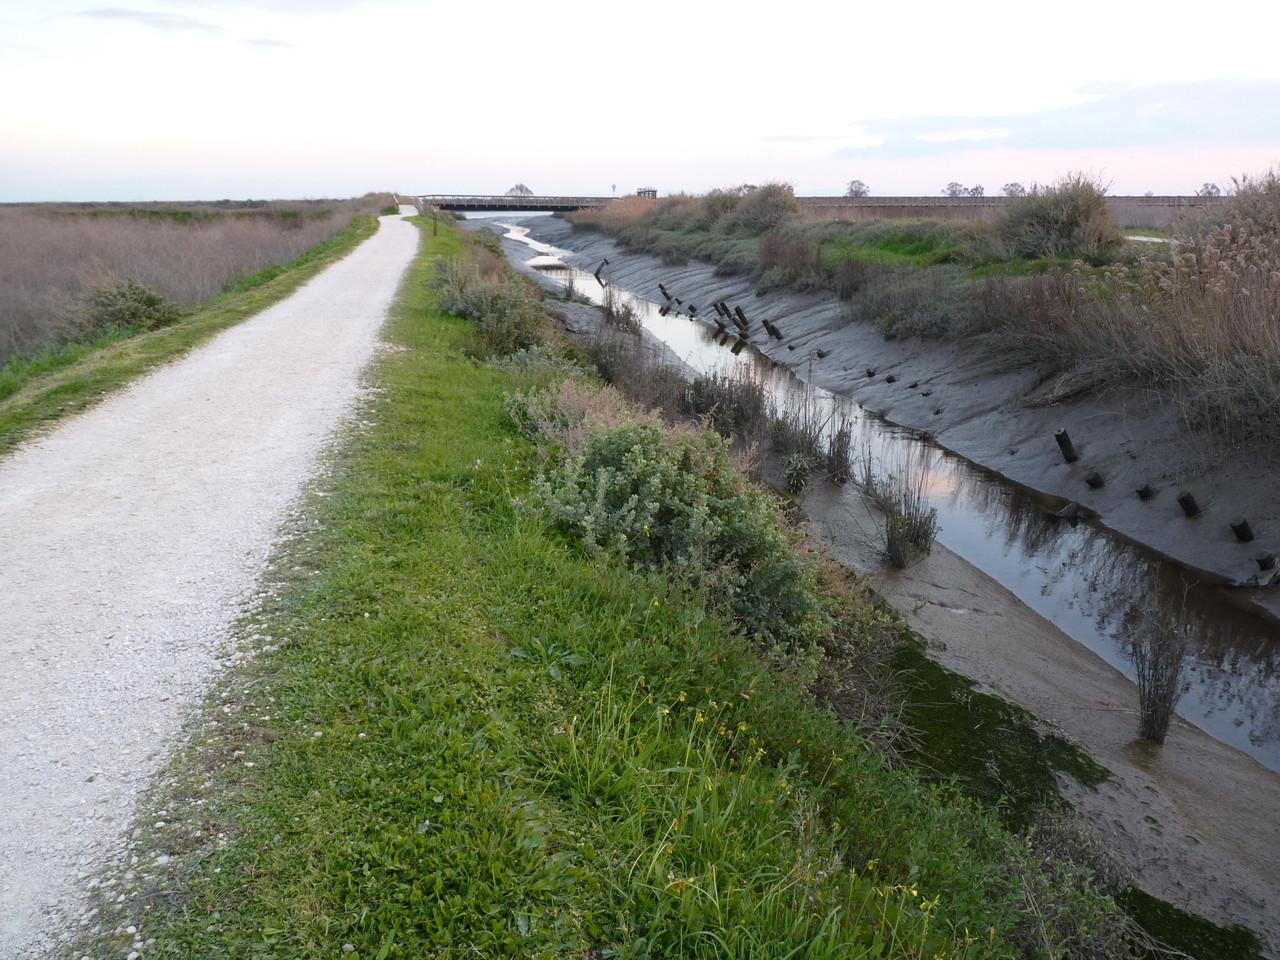 Parque Linear Ribeirinho do Estuário do Tejo (40)